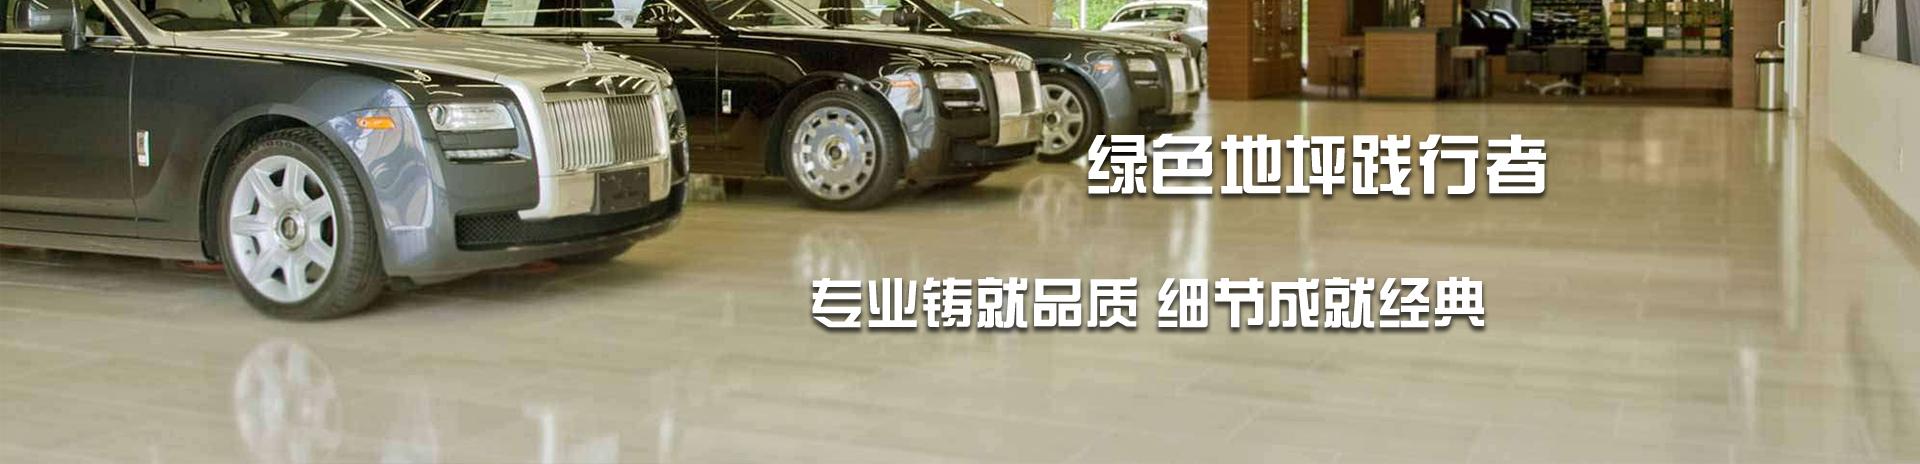 广州市雷竞技推广码raybet靠谱吗有限公司